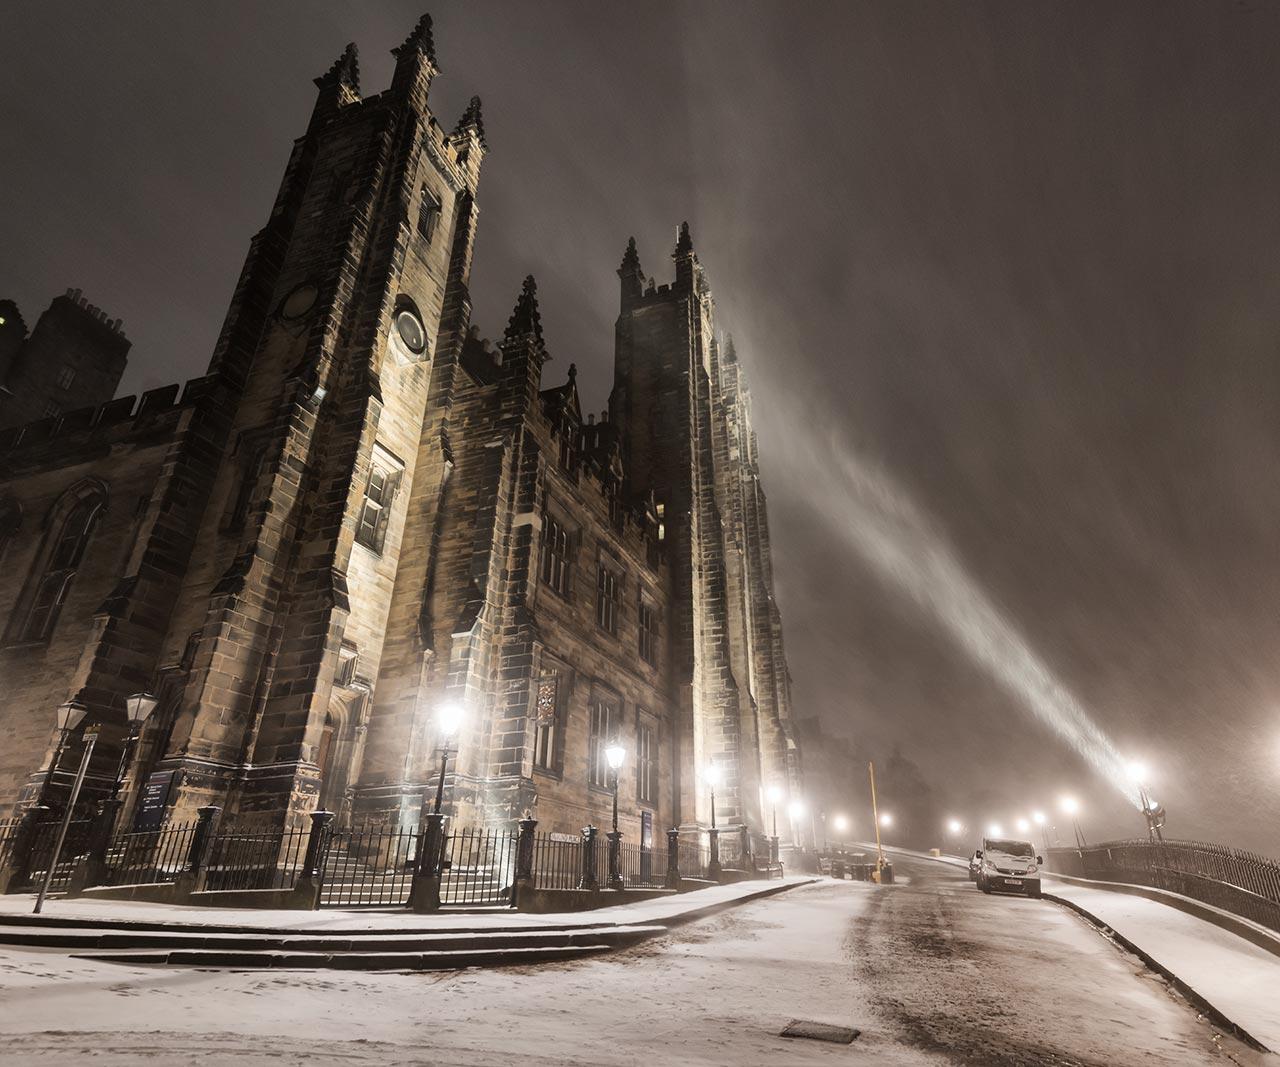 new-college-snow-beast-east-1280-wee.jpg